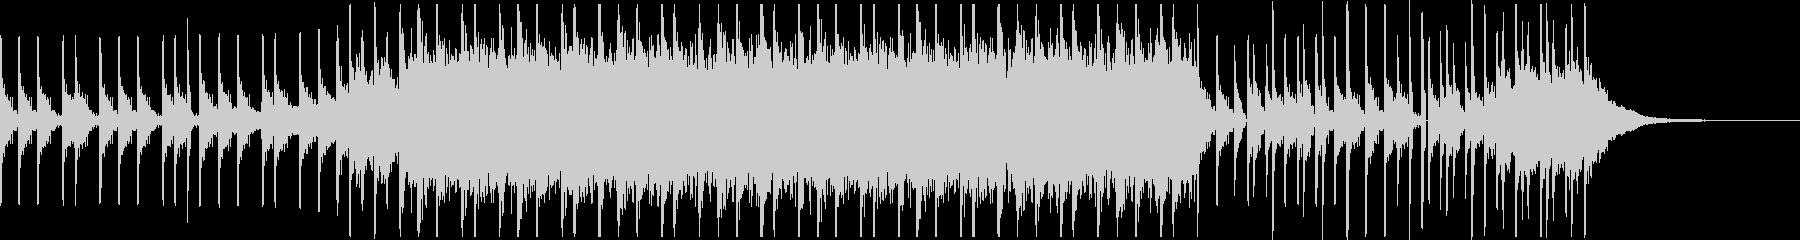 ドリブルとスキール音(バッシュ)とシンセの未再生の波形